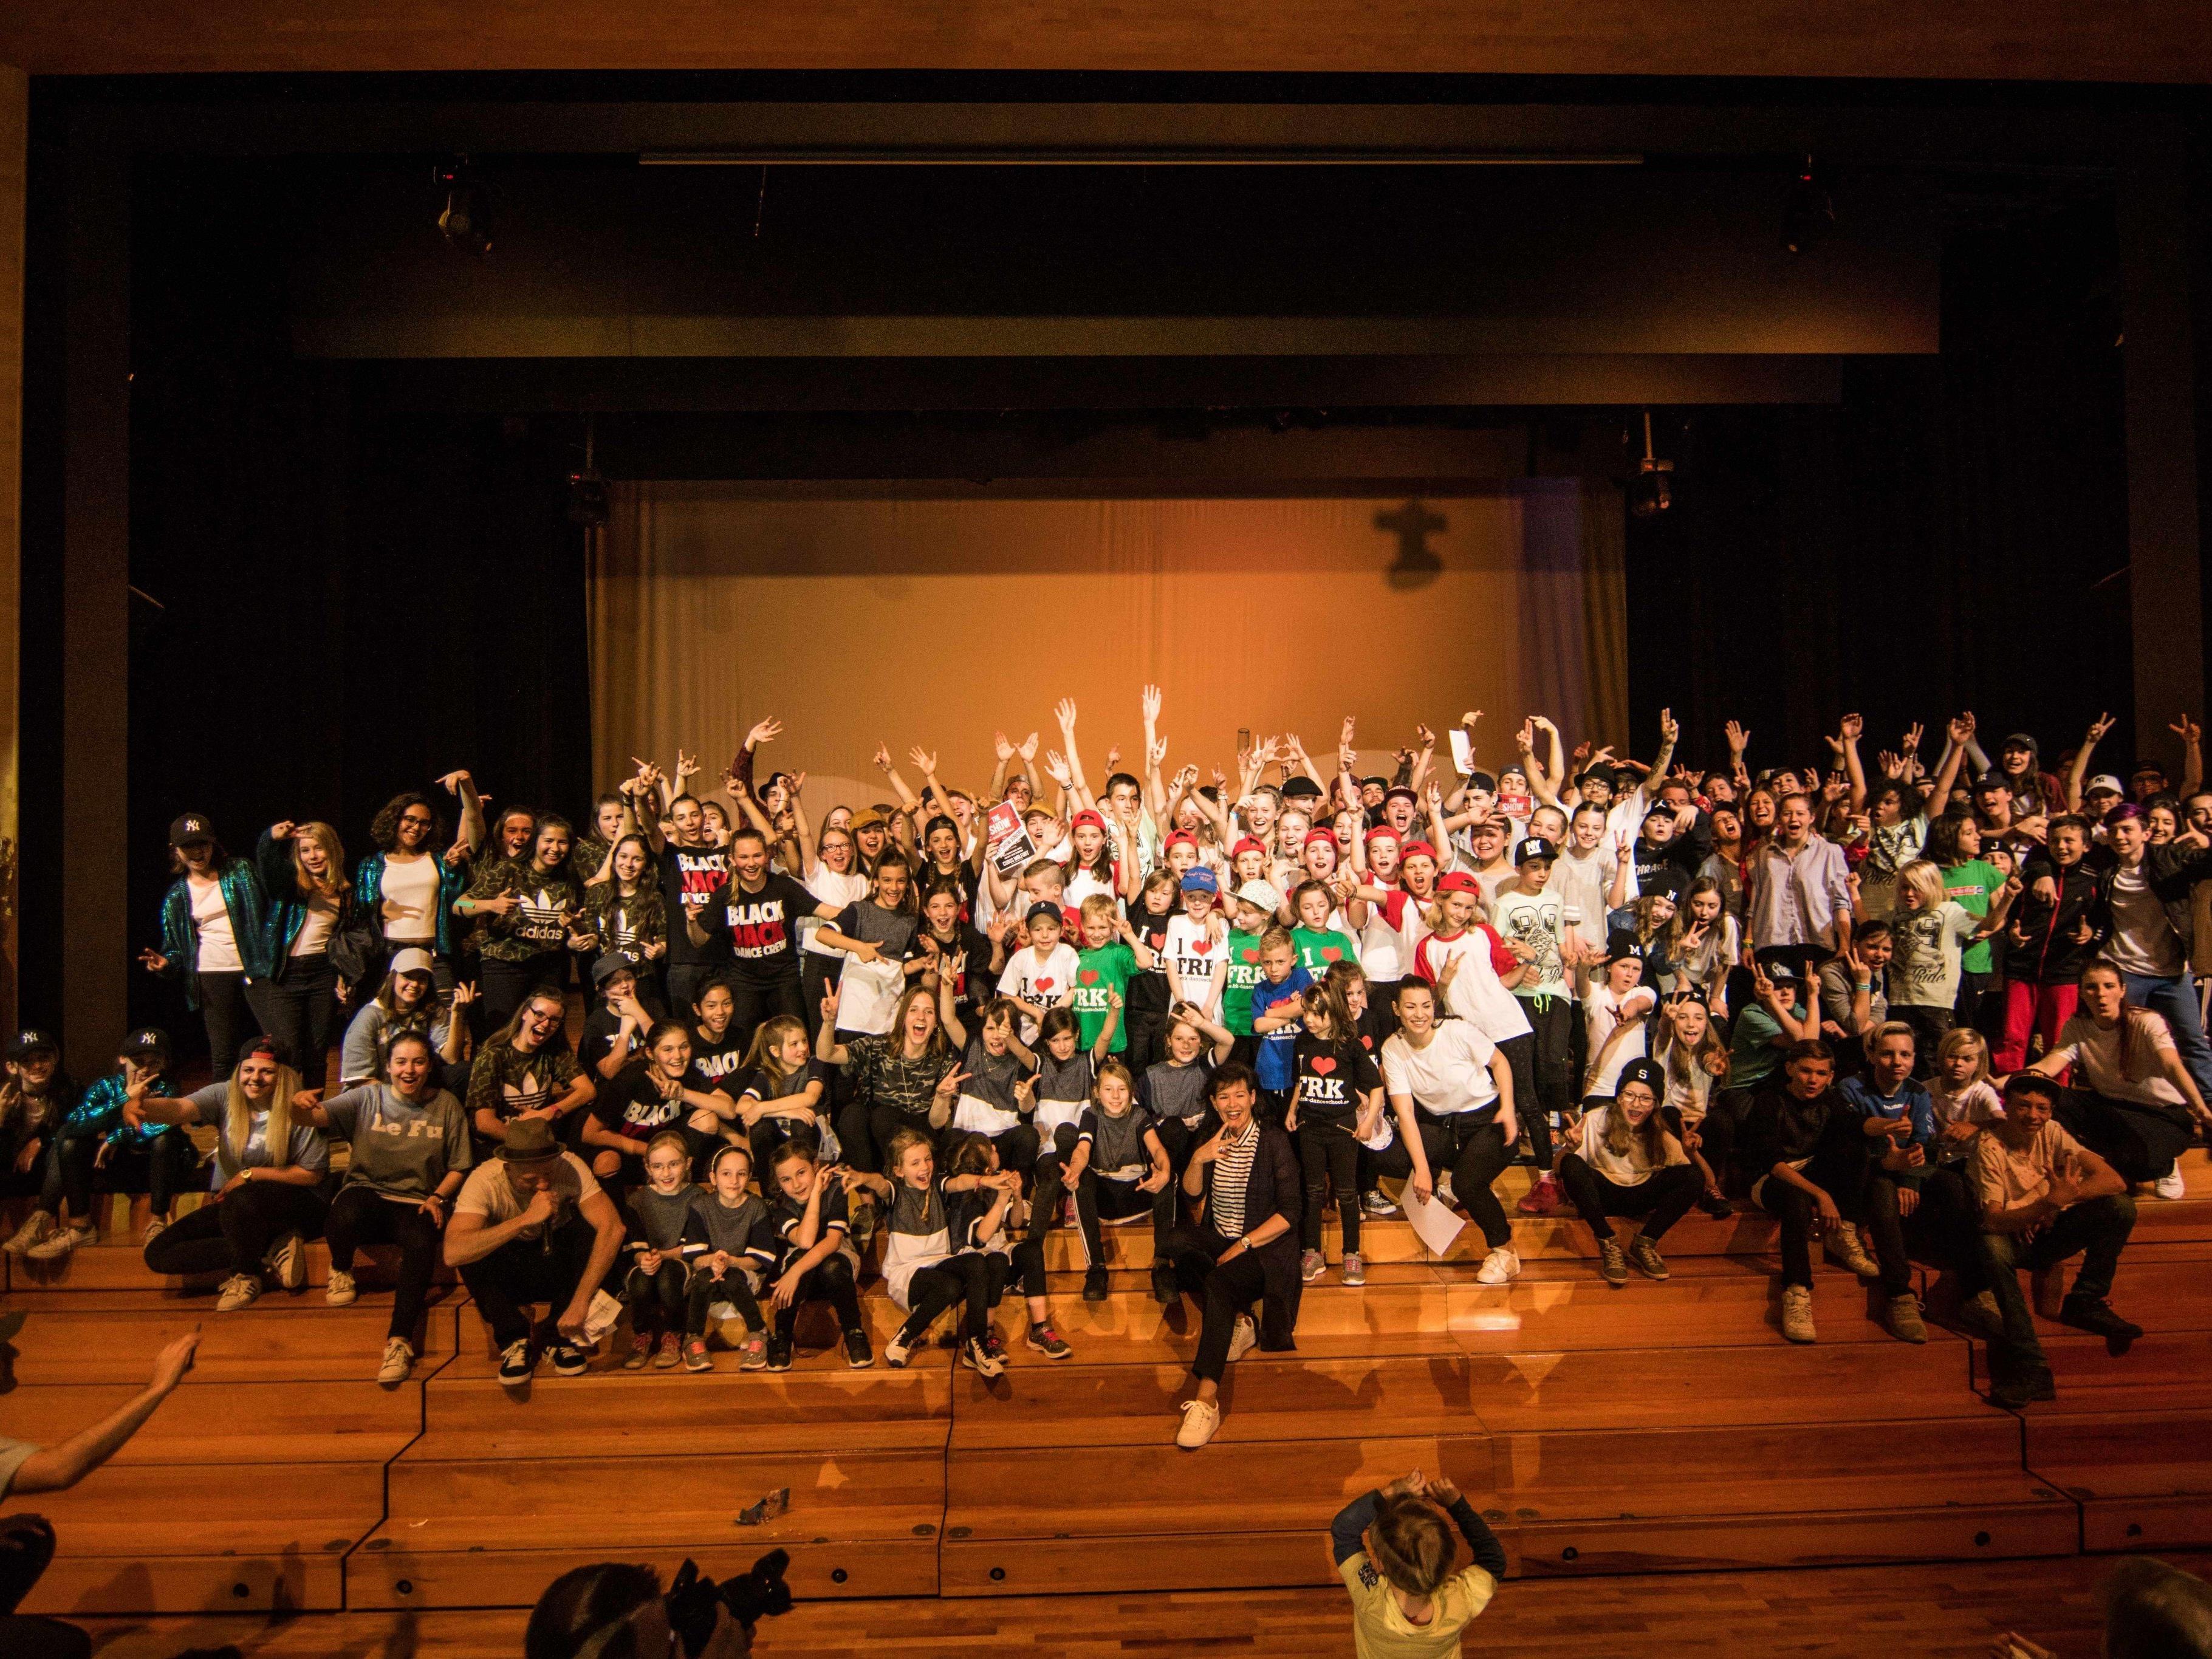 Alle Mitglieder der FRK Dance School Academy Dornbirn sorgten mit ihren tollen Shows für grandiose Stimmung.